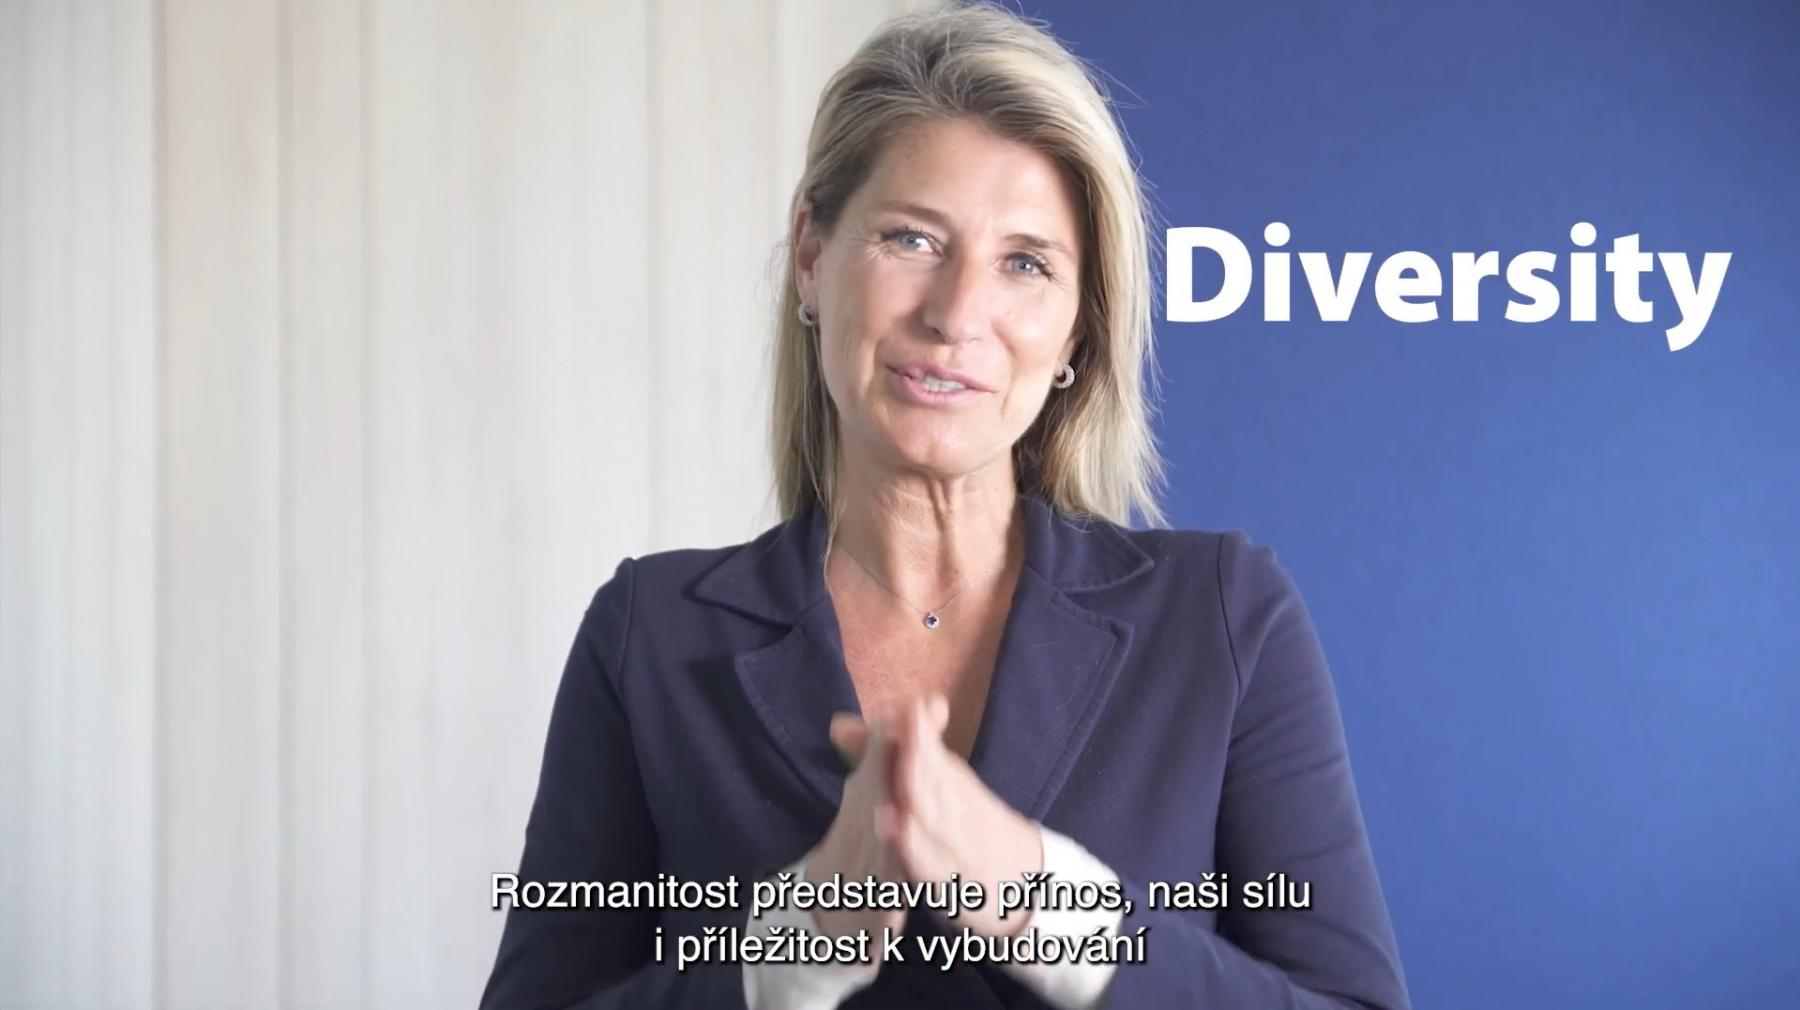 Videozdravice zástupců 26 evropských charterových iniciativ – pozvánka na event 4. 5.